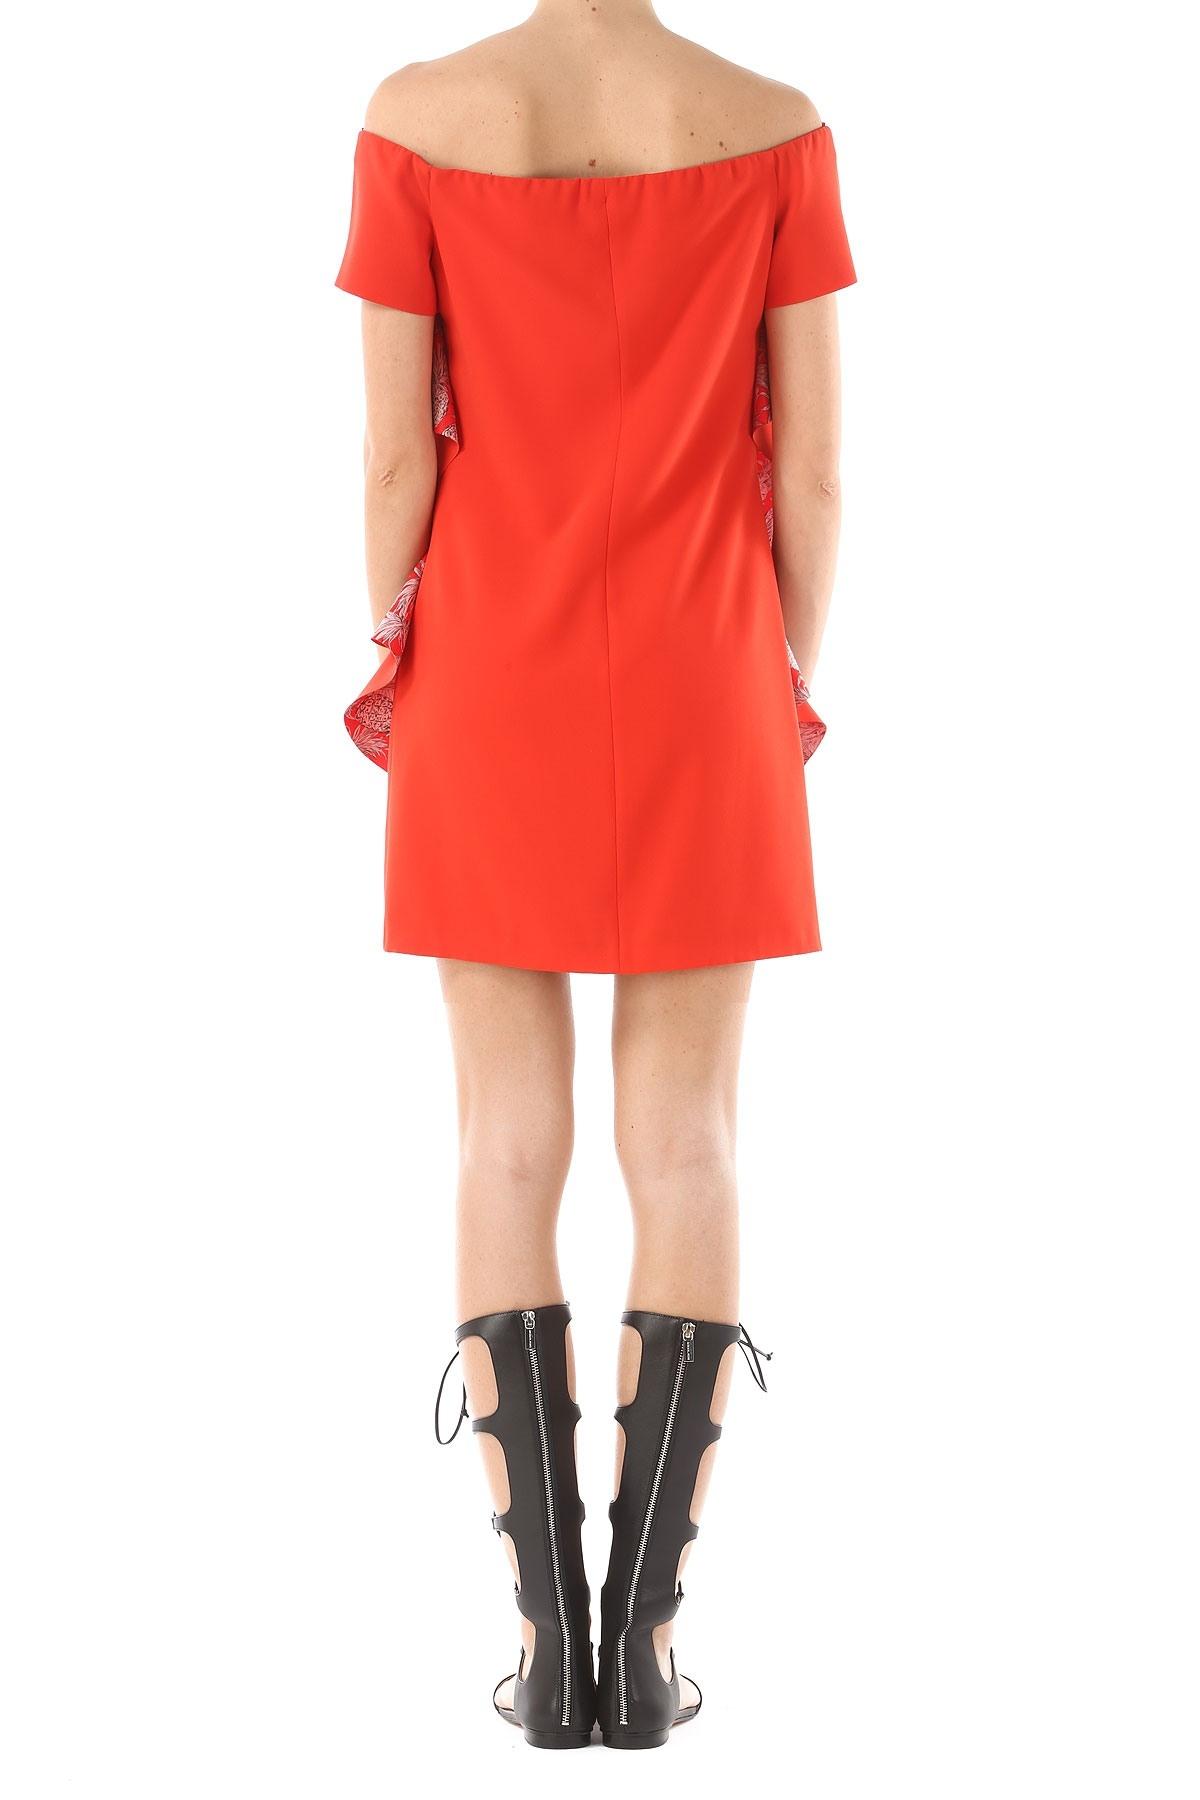 10 Luxurius Damen Kleider Rot Ärmel13 Einzigartig Damen Kleider Rot Stylish